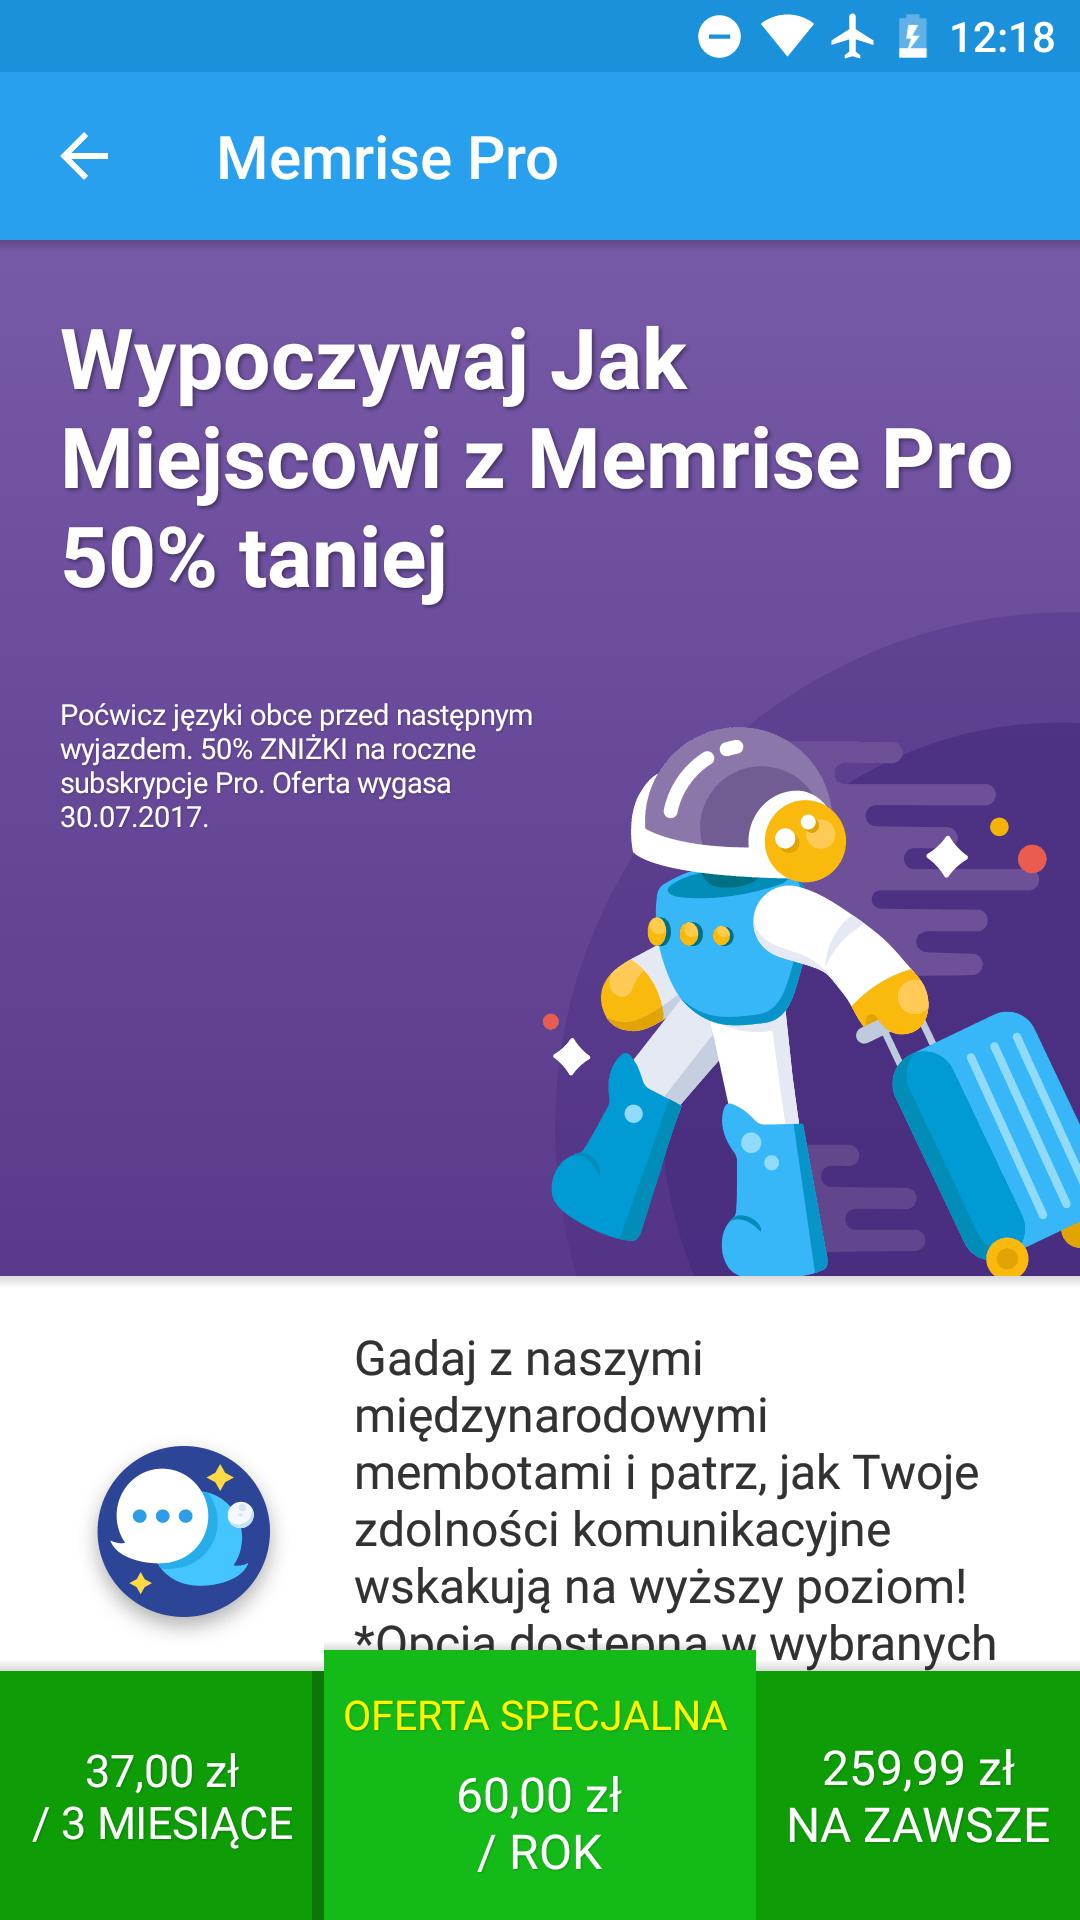 Rok premium na naukę języków w Memrise prawie 4 razy taniej